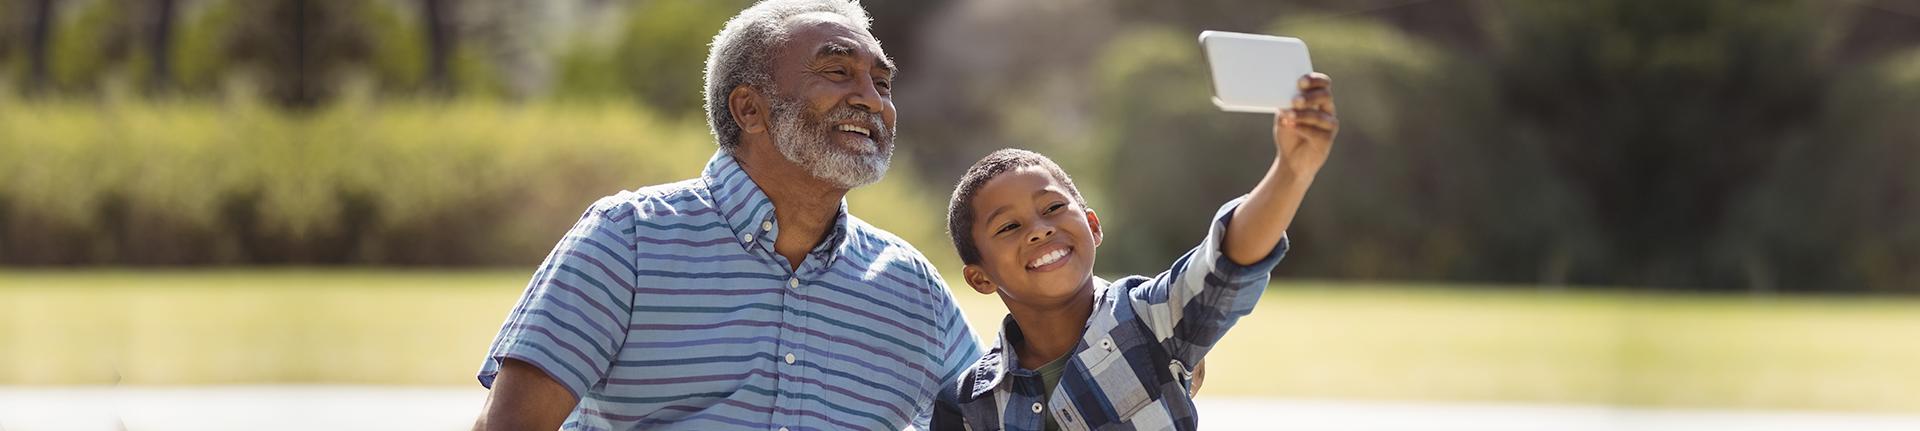 Viagem com avós: para onde ir?